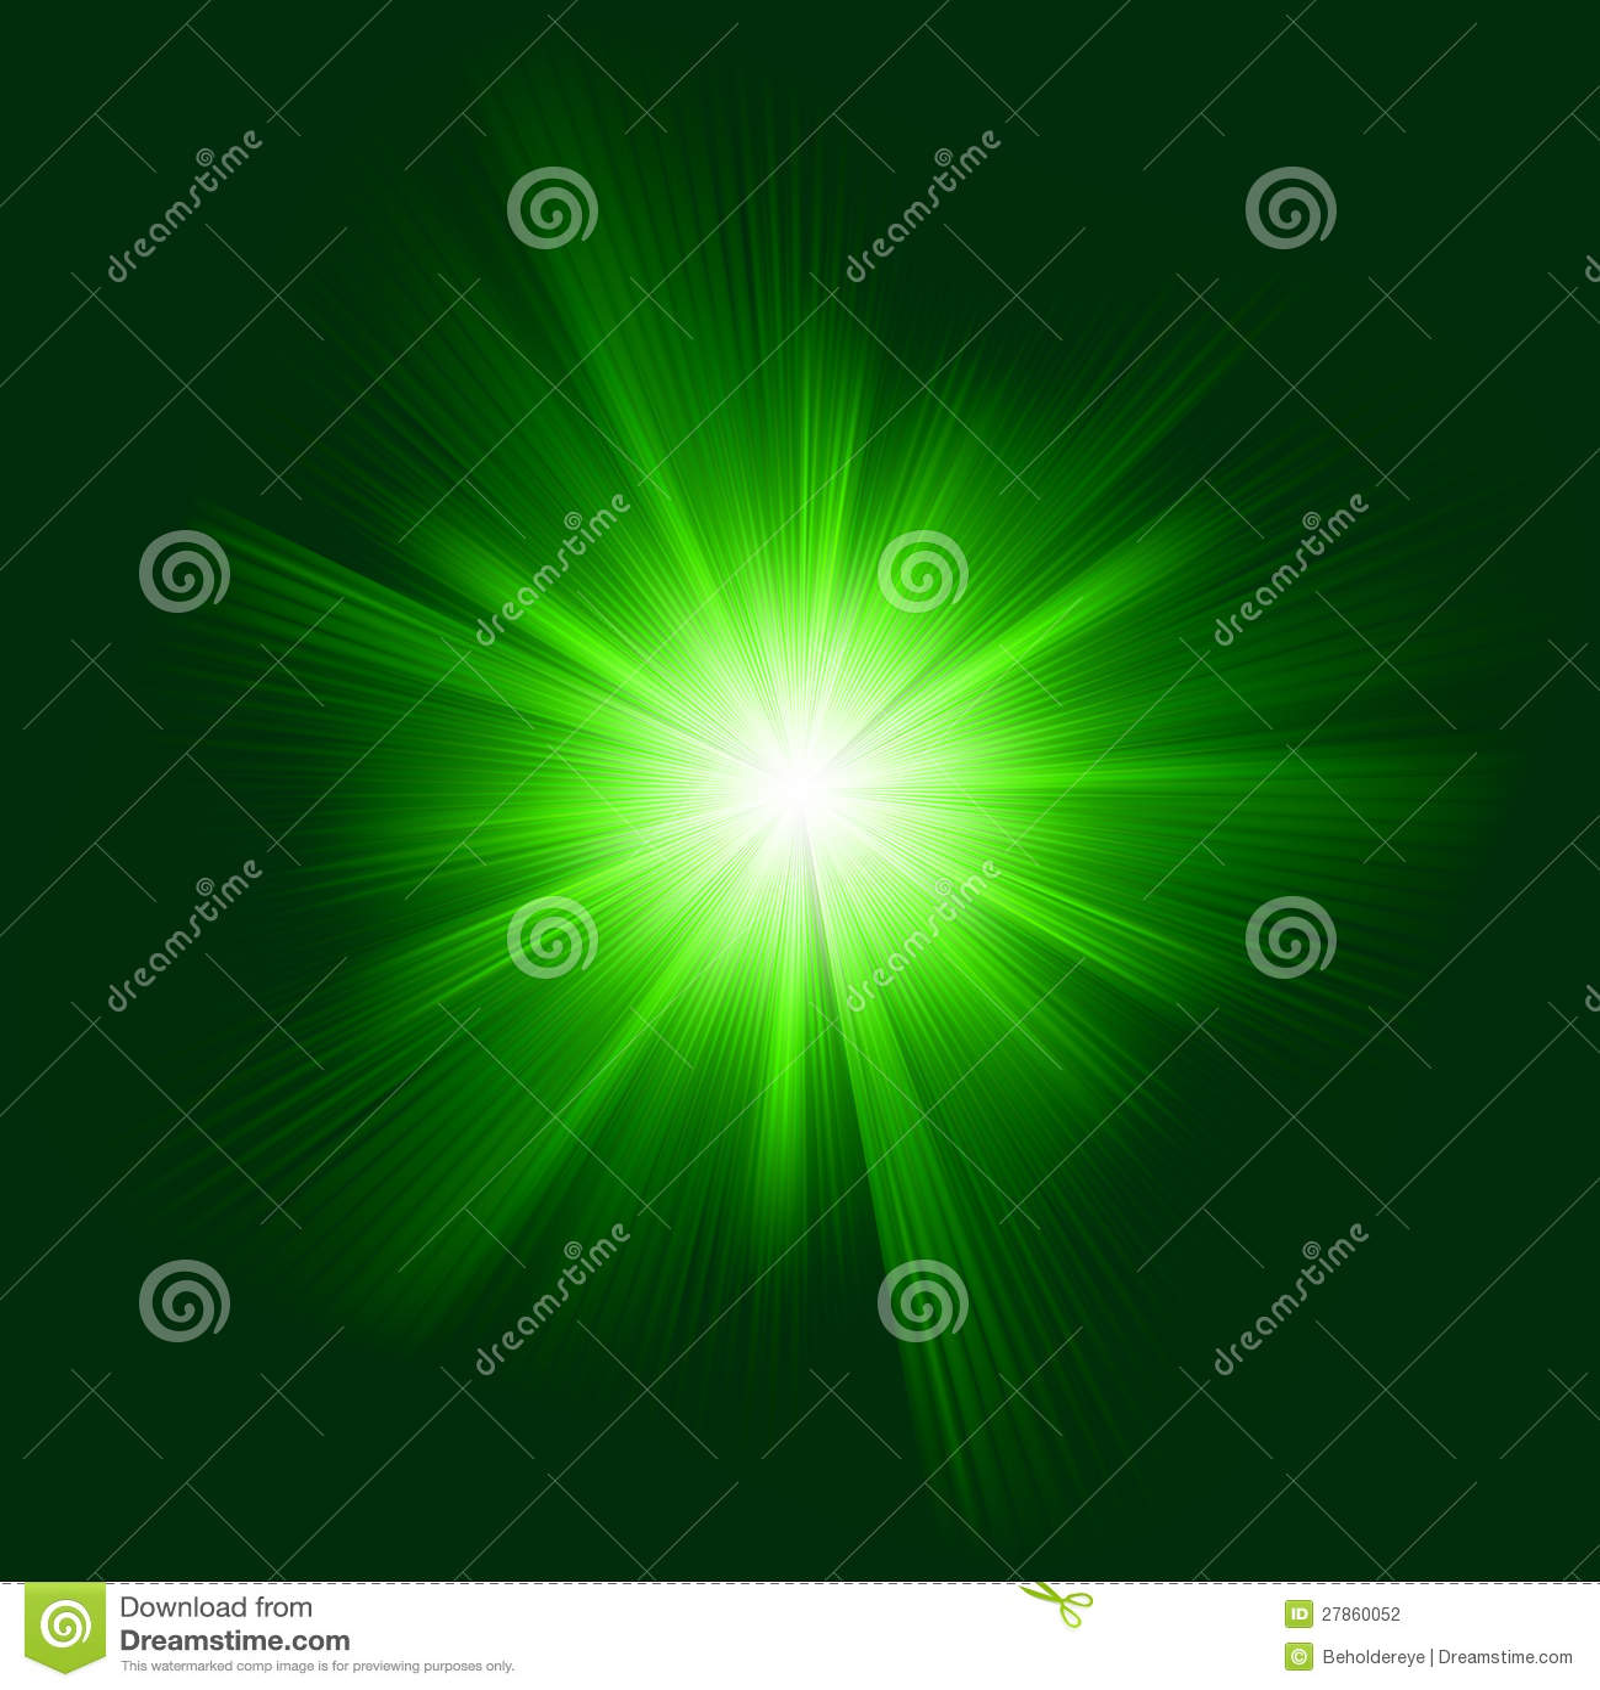 Z wybuchem koloru zielony projekt. EPS 8